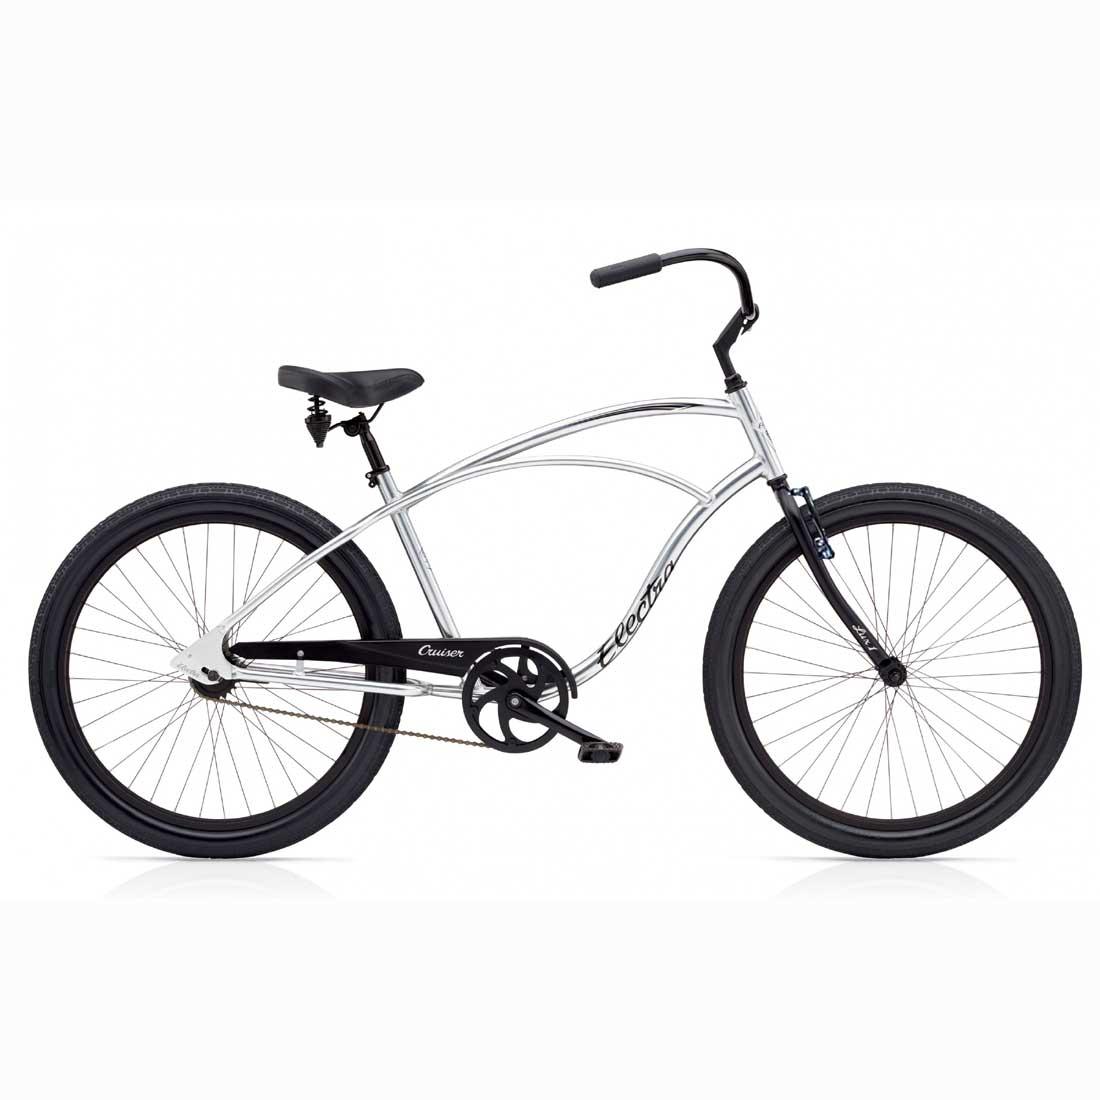 ビーチクルーザー 26インチ アルミフレーム 軽量 おしゃれ 自転車 通勤 通学 エレクトラ CRUISER-LUX1 ポリッシュ メンズ レディース